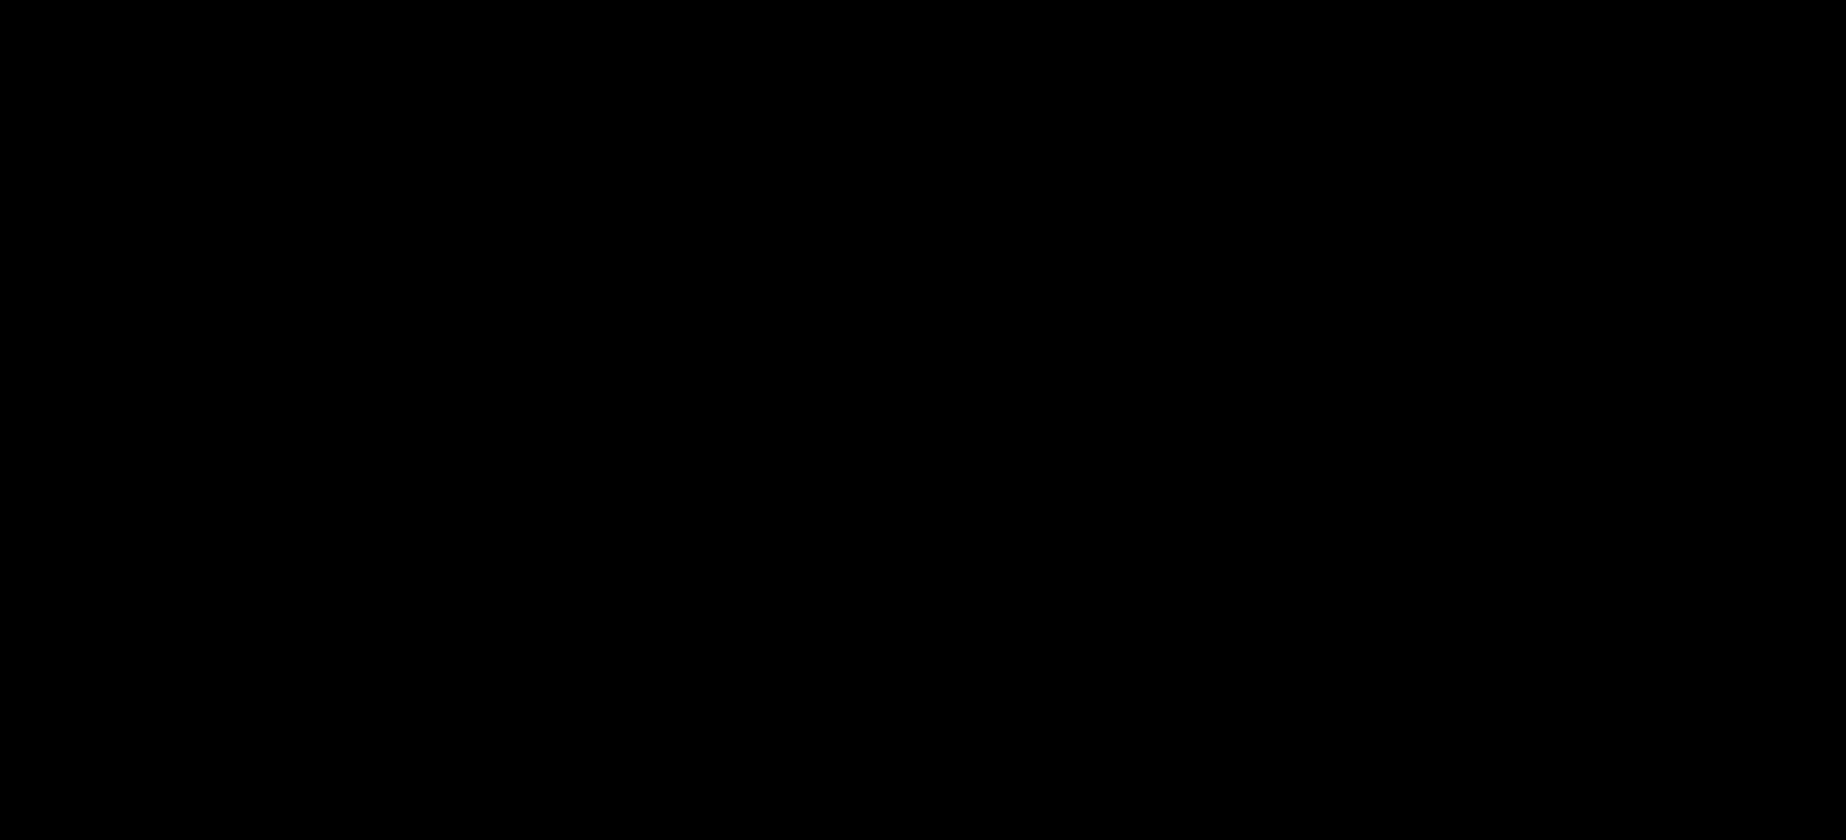 (R)-Crizotinib-d<sub>4</sub> (piperidine-2,2,6,6-d<sub>4</sub>)